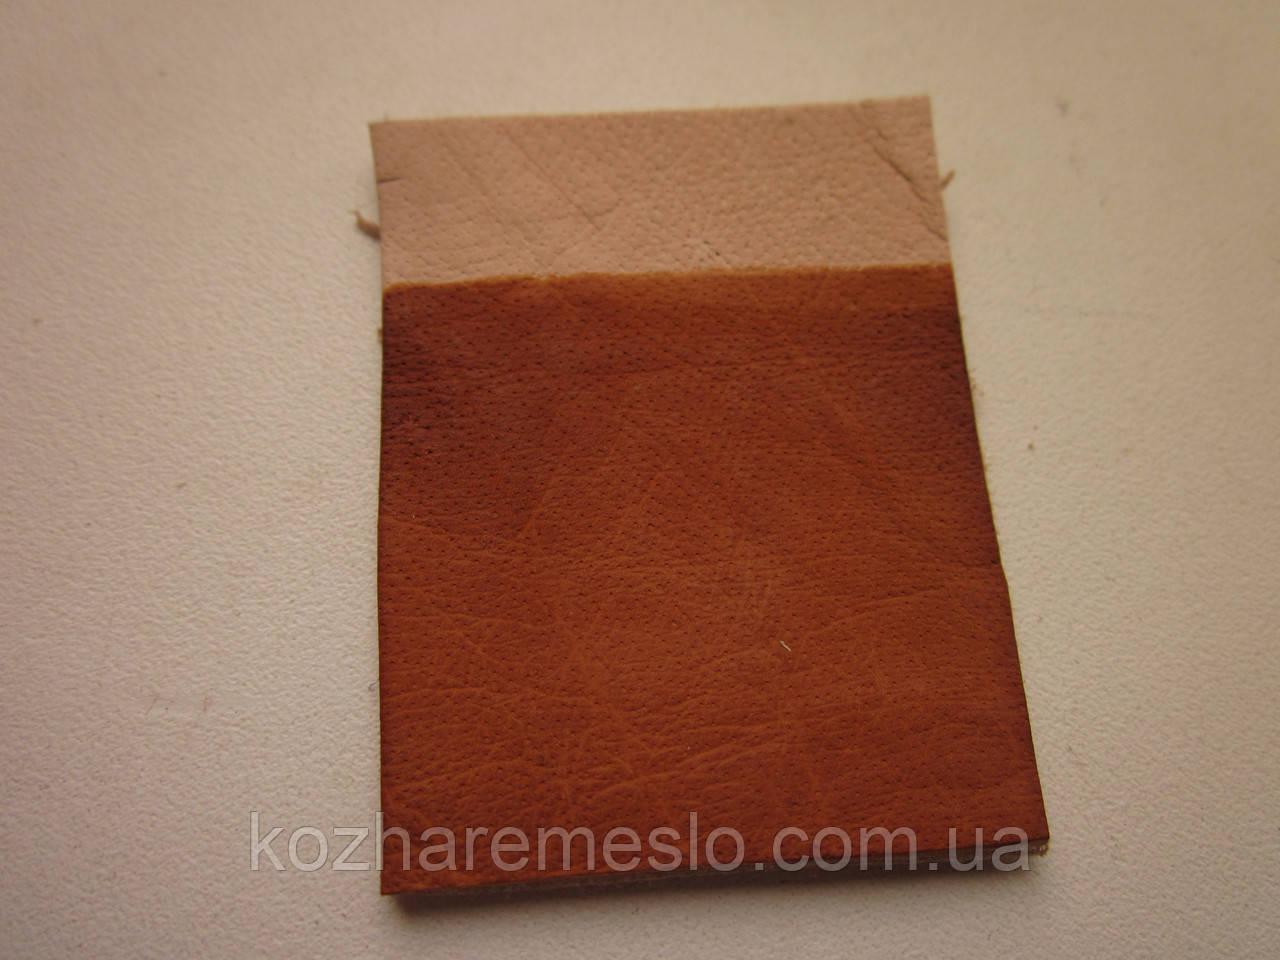 Краска для кожи спиртовая TOLEDO SUPER 100мл коньяк (цвет кожи)